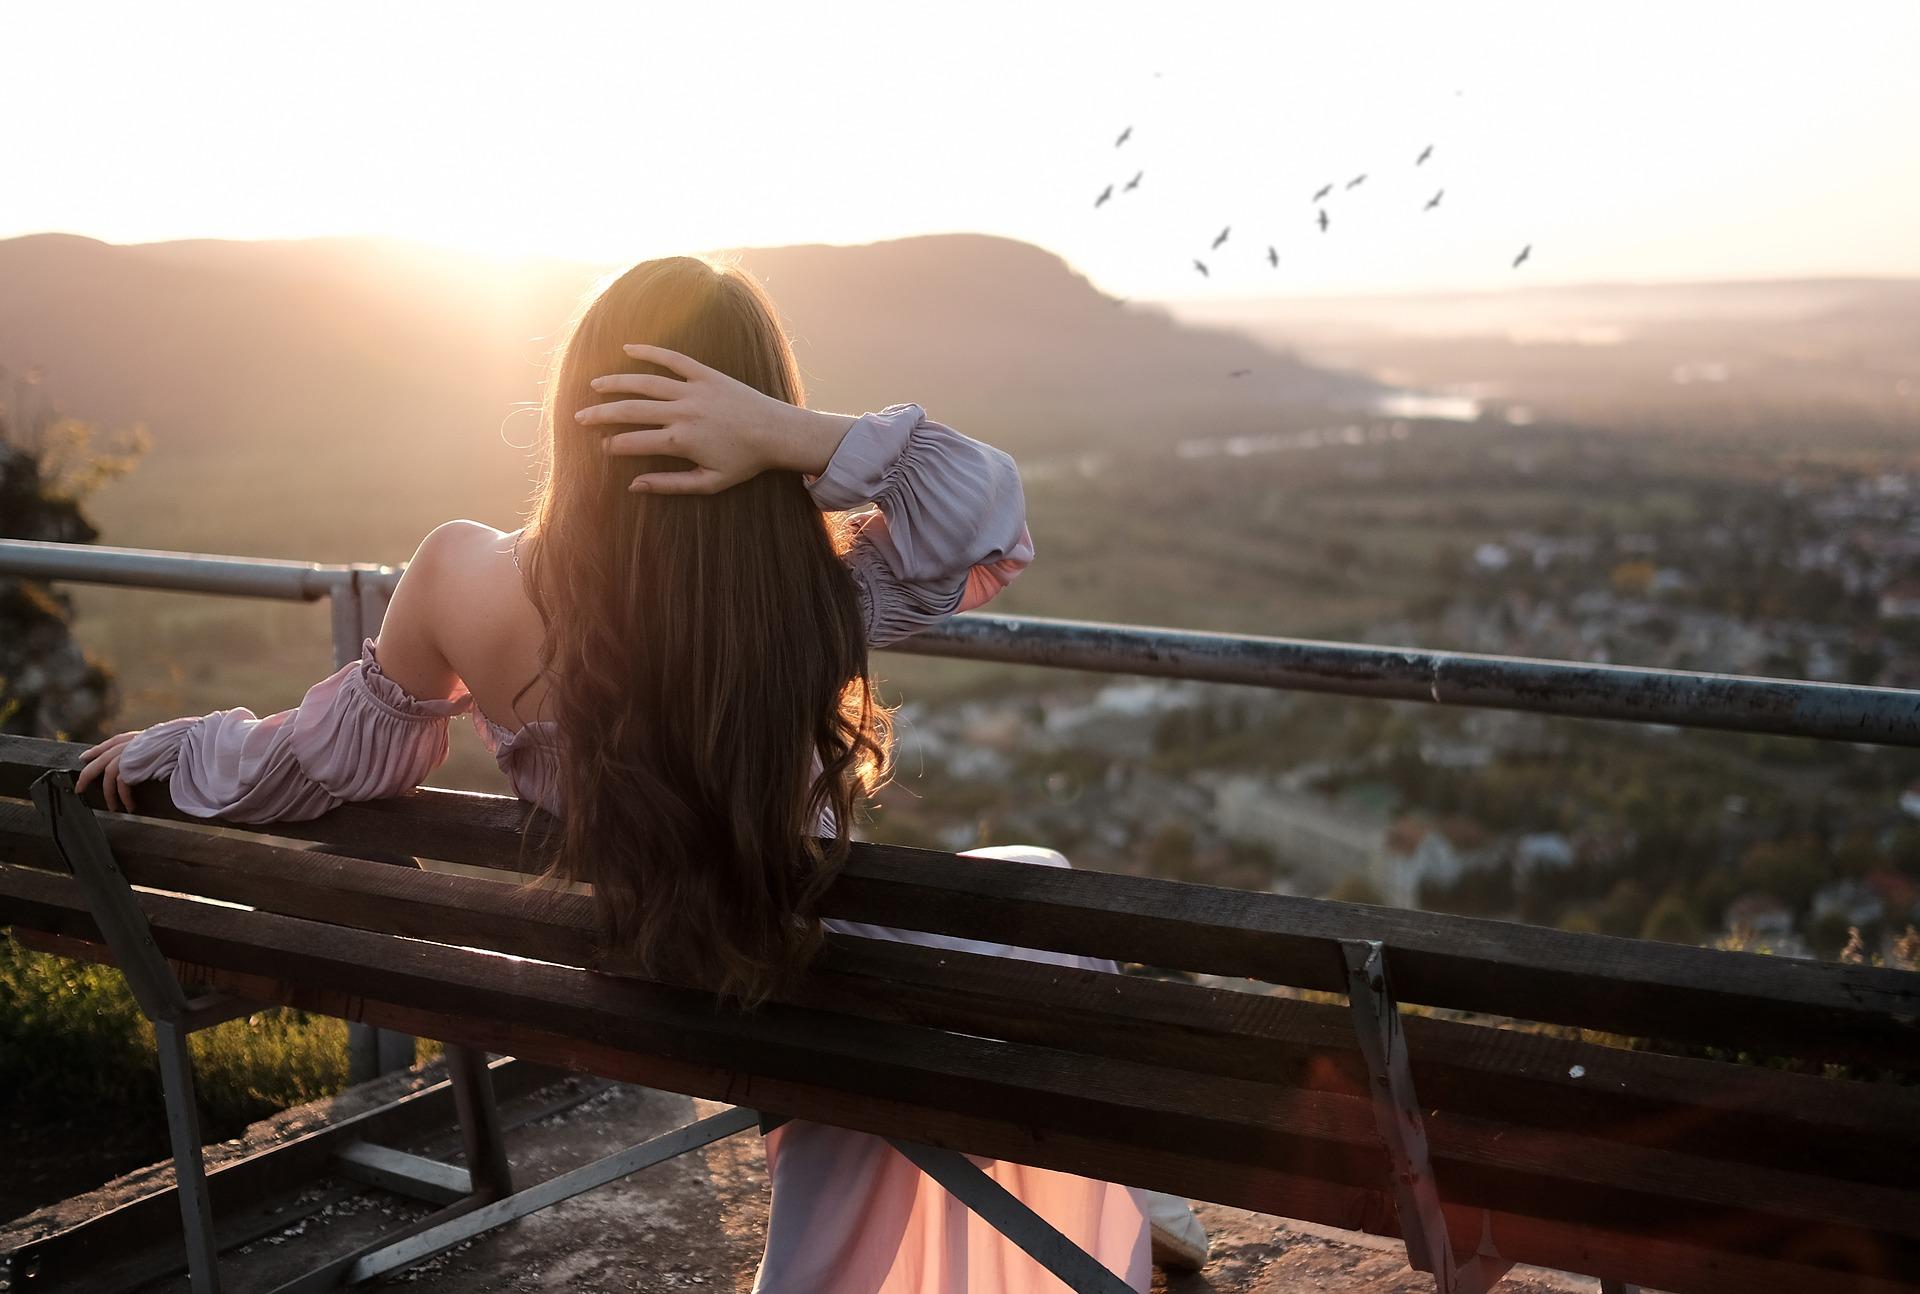 Как же хочется воплотить девичью мечту в реальность… Стать хотя бы на один день принцессой из сказки